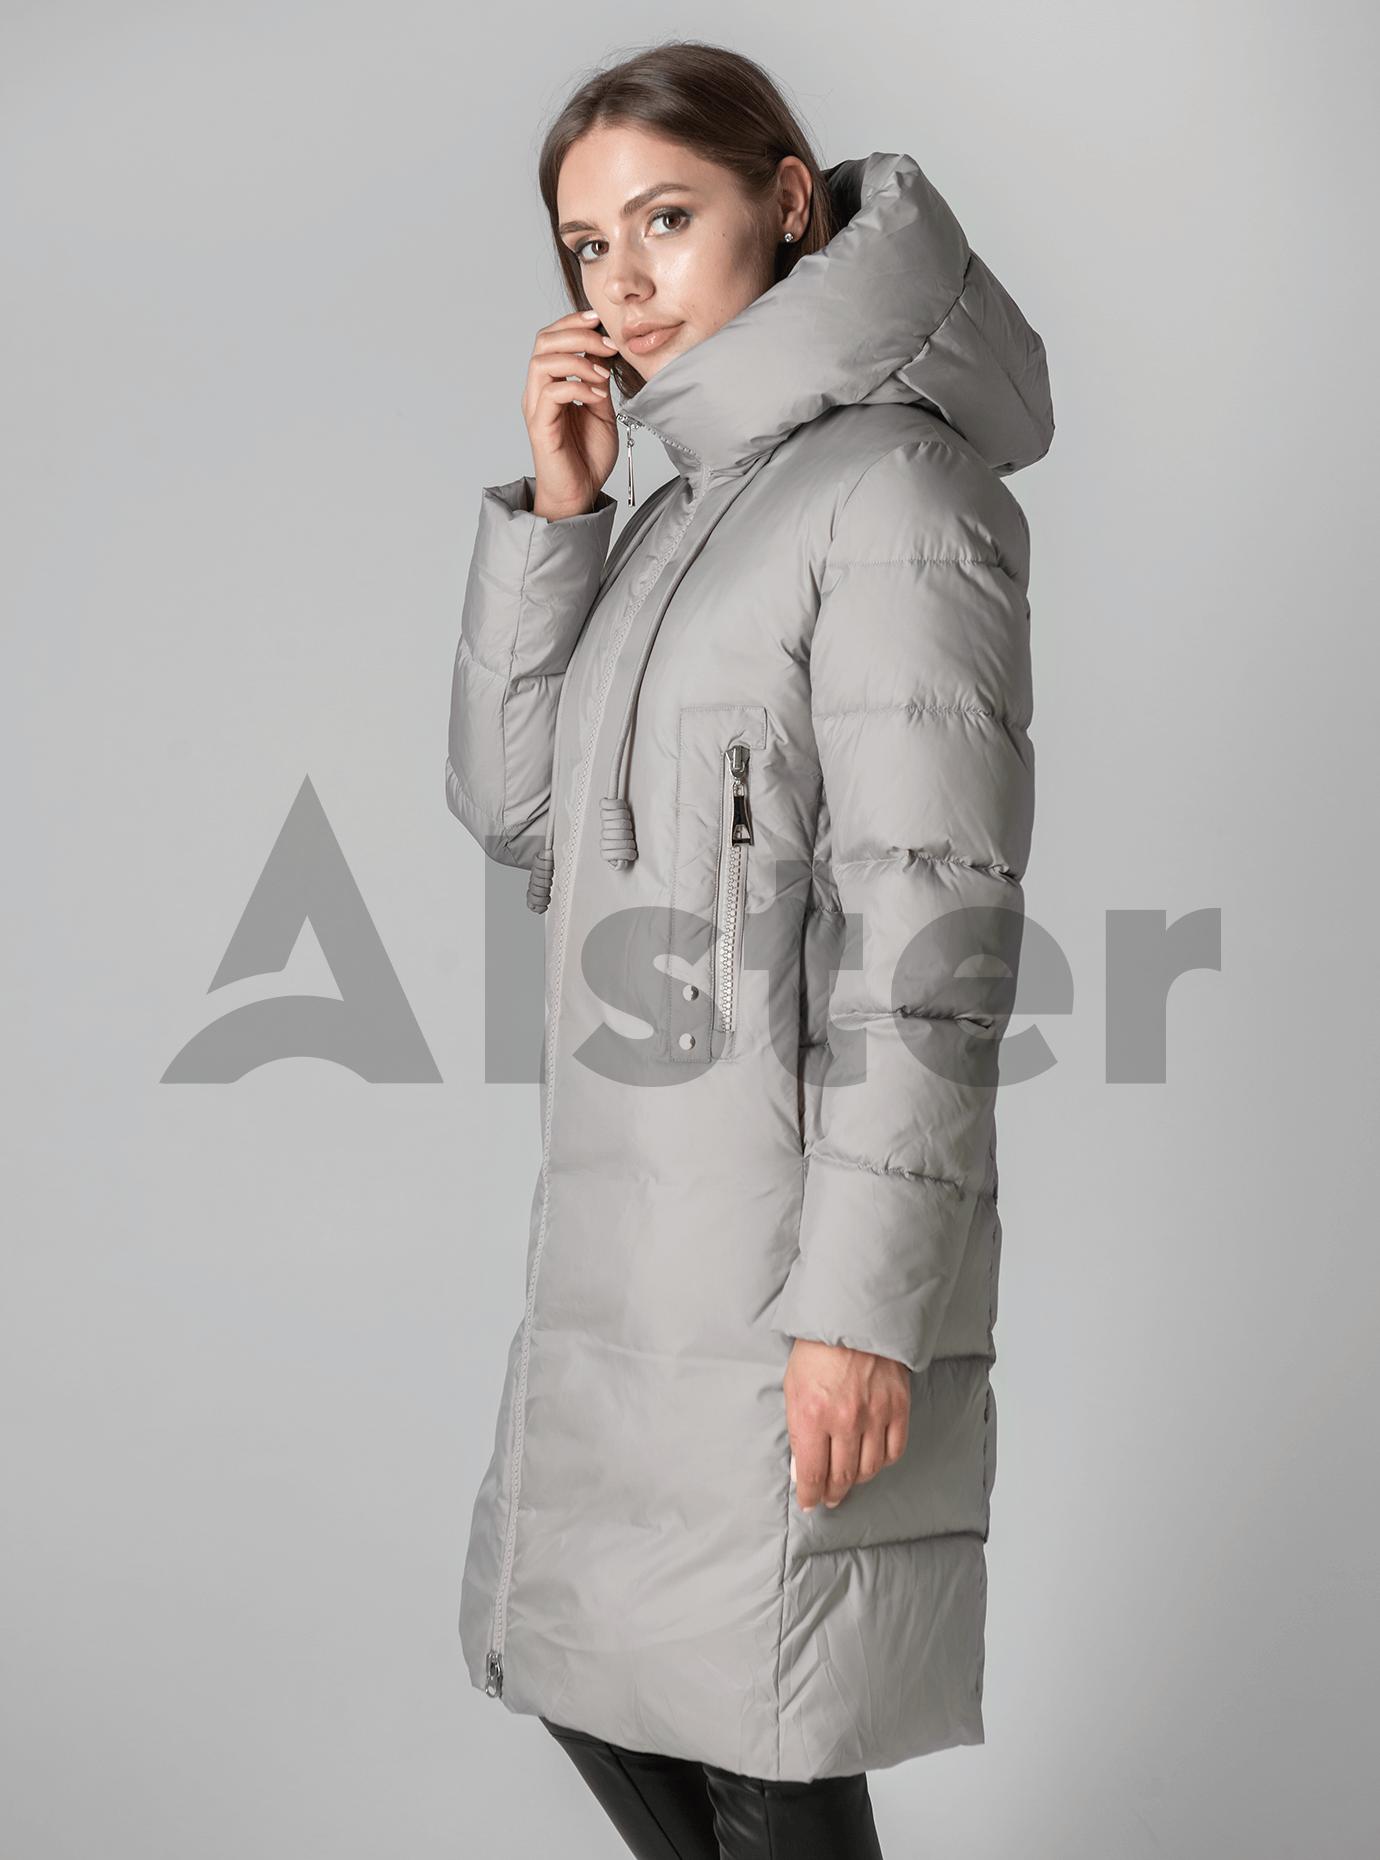 Классическая зимняя женская куртка Серый L (02-190197): фото - Alster.ua